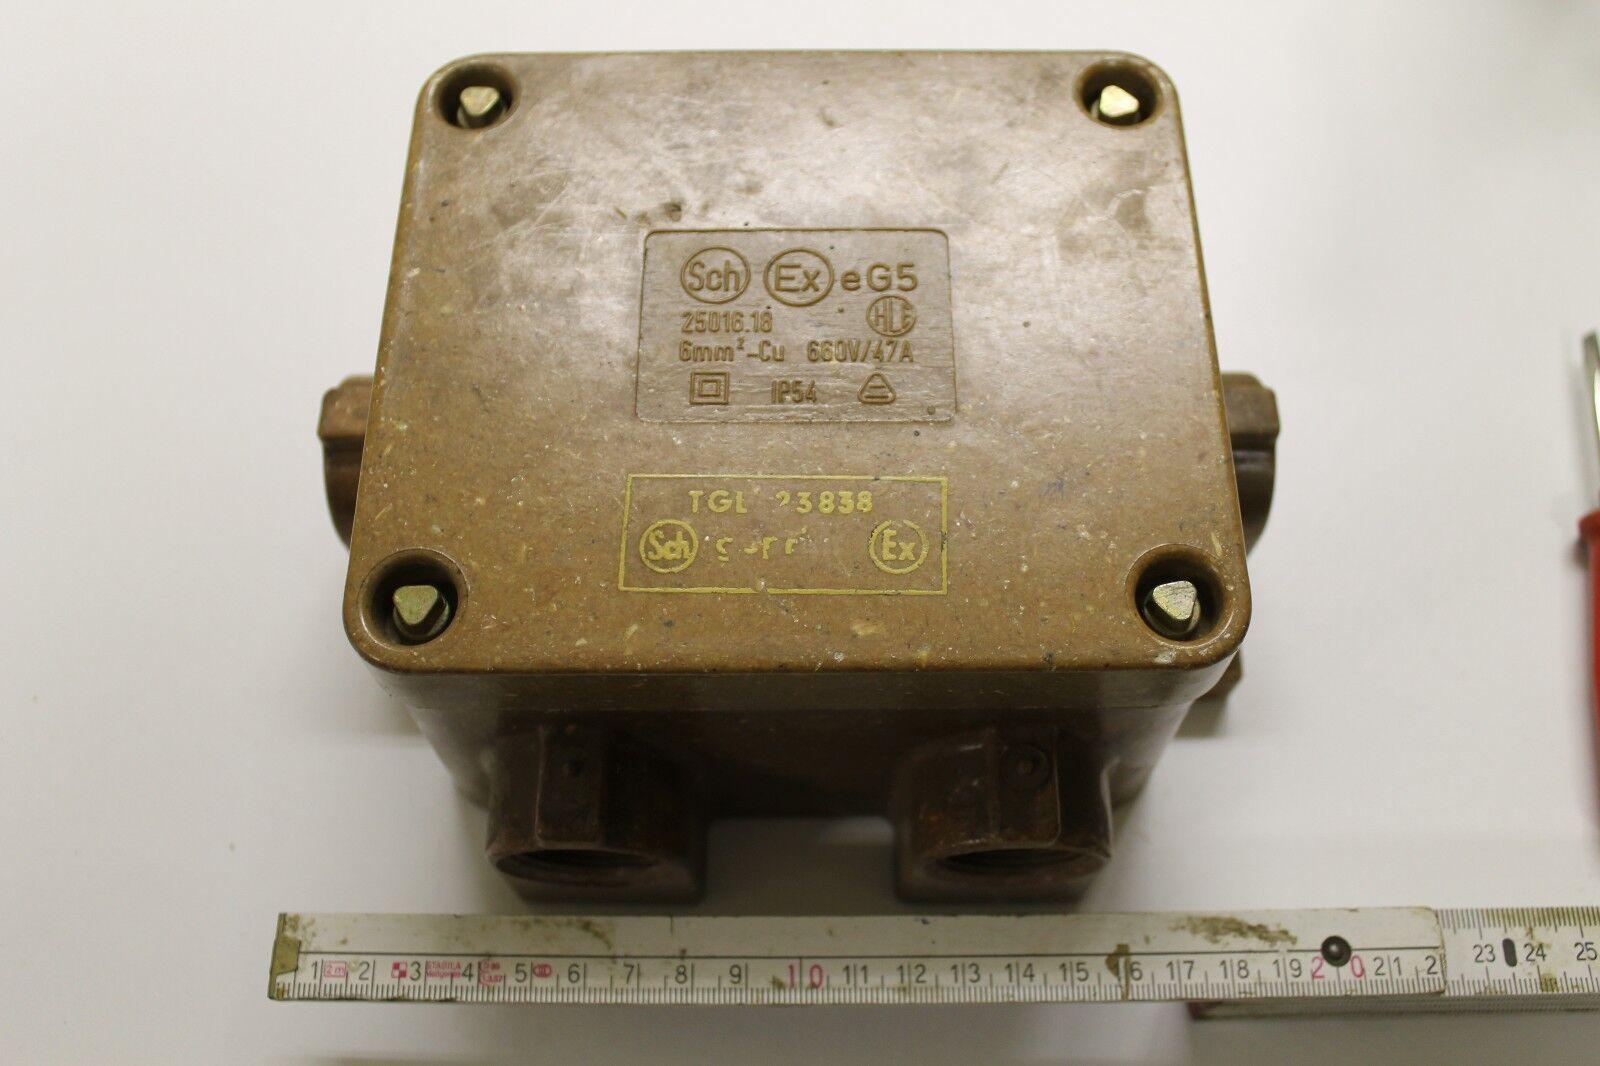 DDR Abzweigkasten schlagwetter- und explosionsgeschützt TGL 23838 6mm² Cu  AS-C